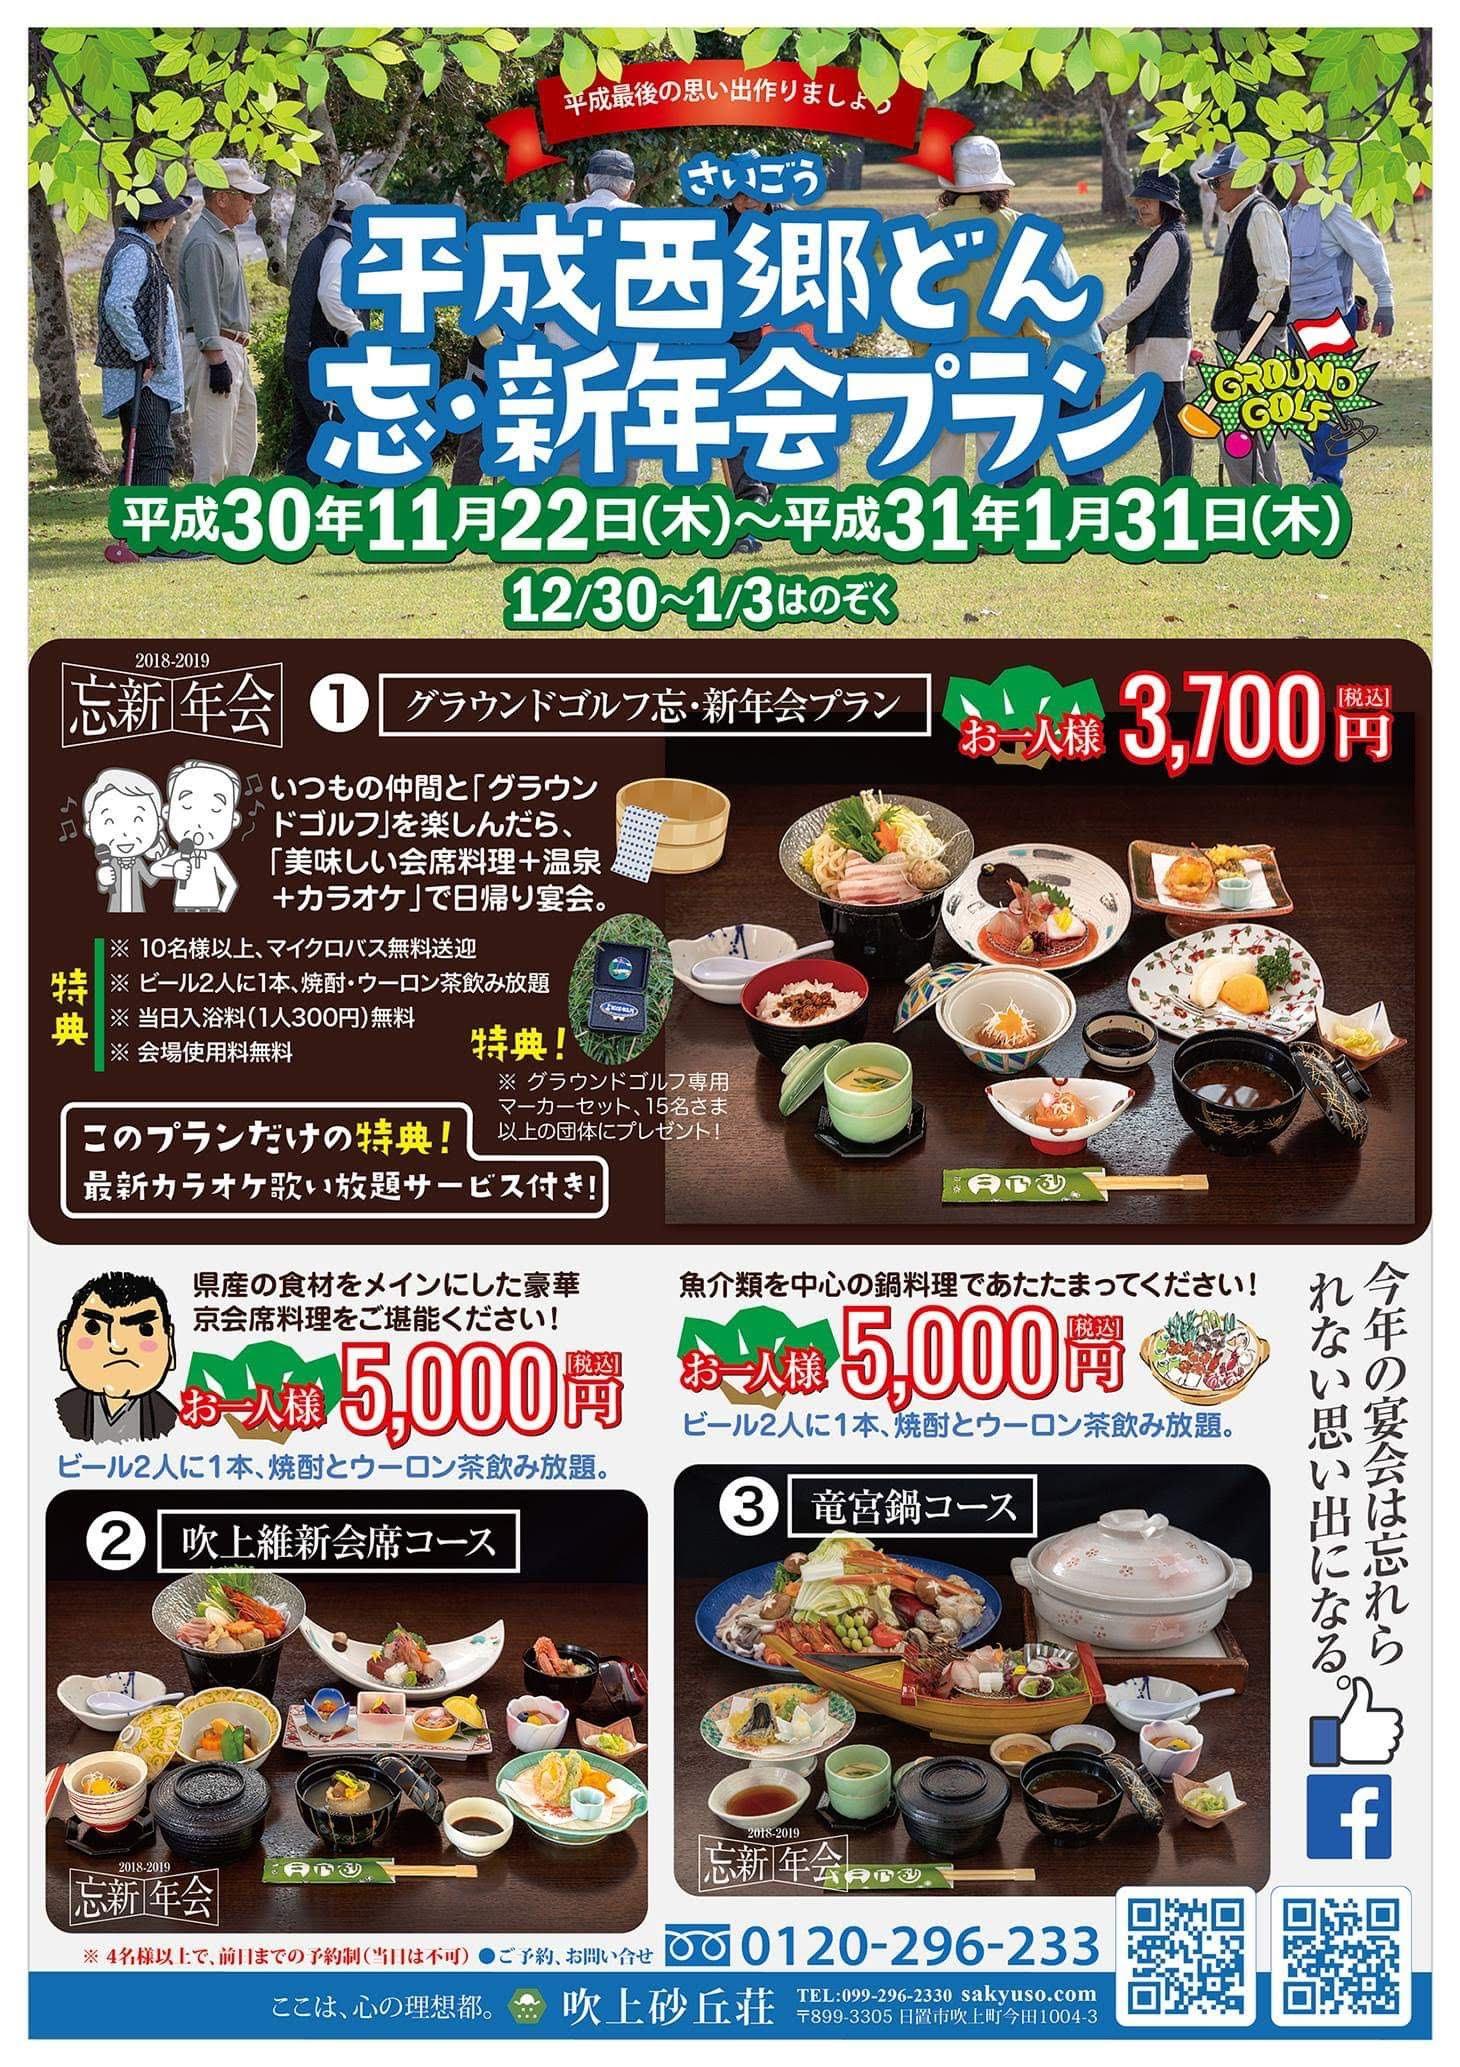 H30 忘新年会チラシデータ.jpg